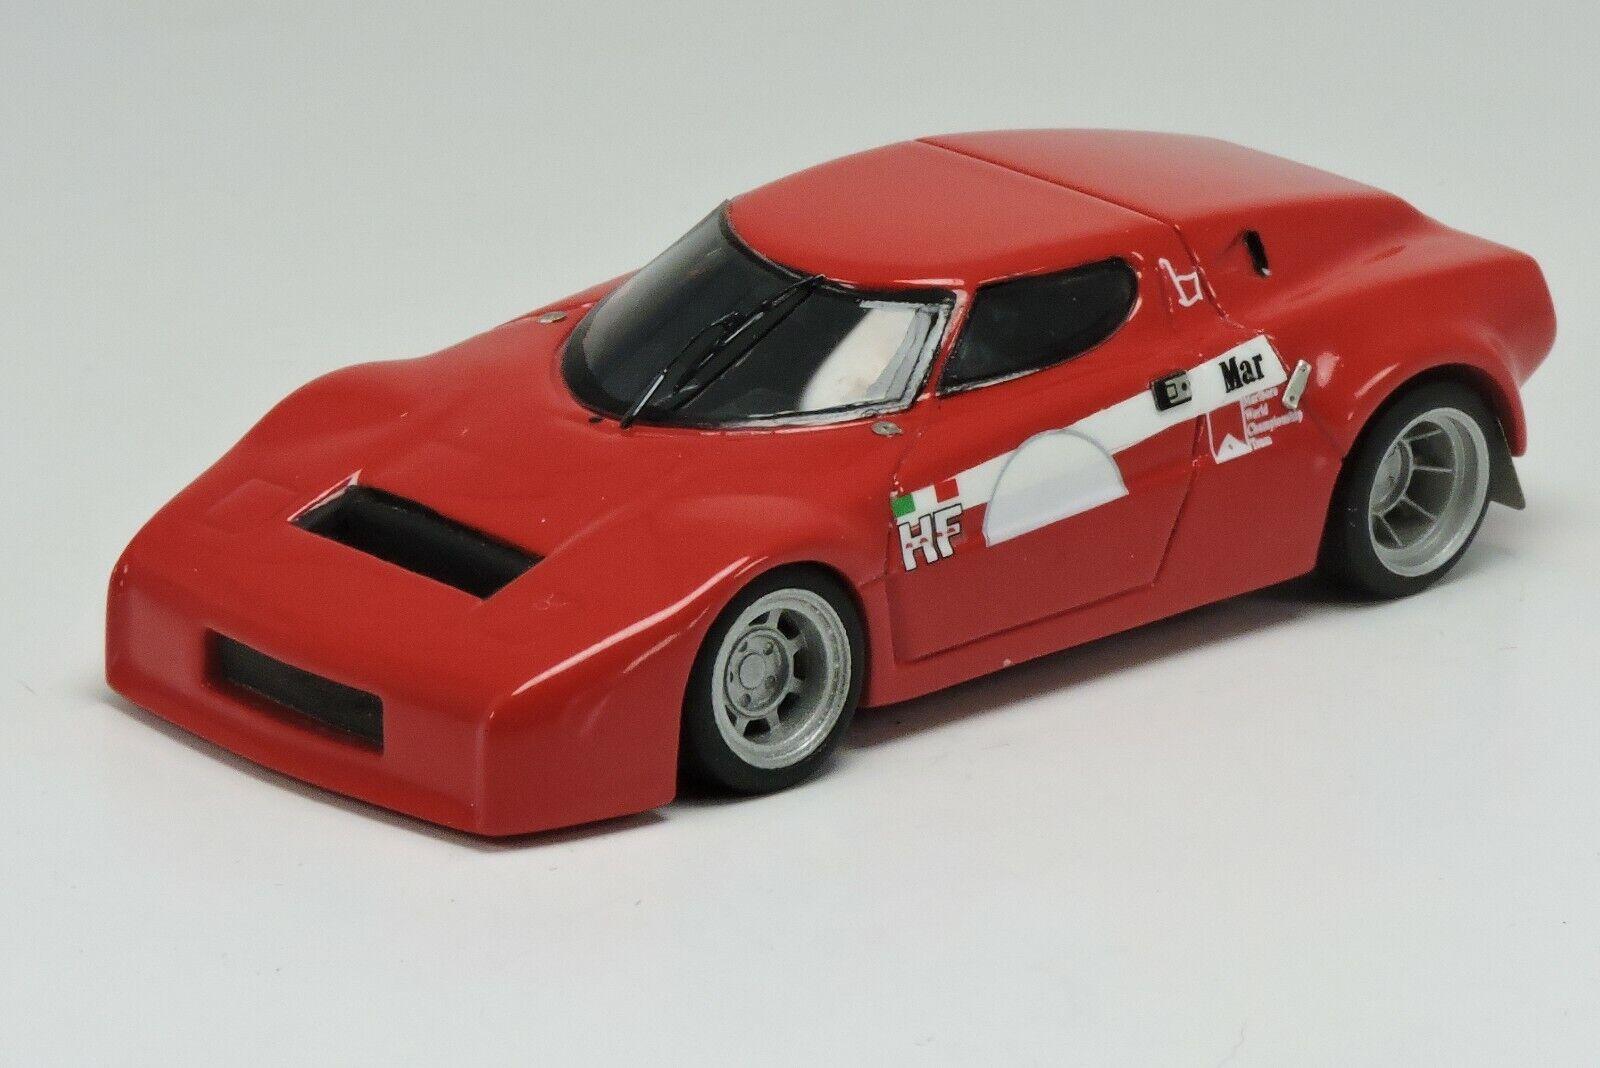 Kit Lancia Stratos prödotipo aeeodinamico 1973 –arena modelller kit 1 43